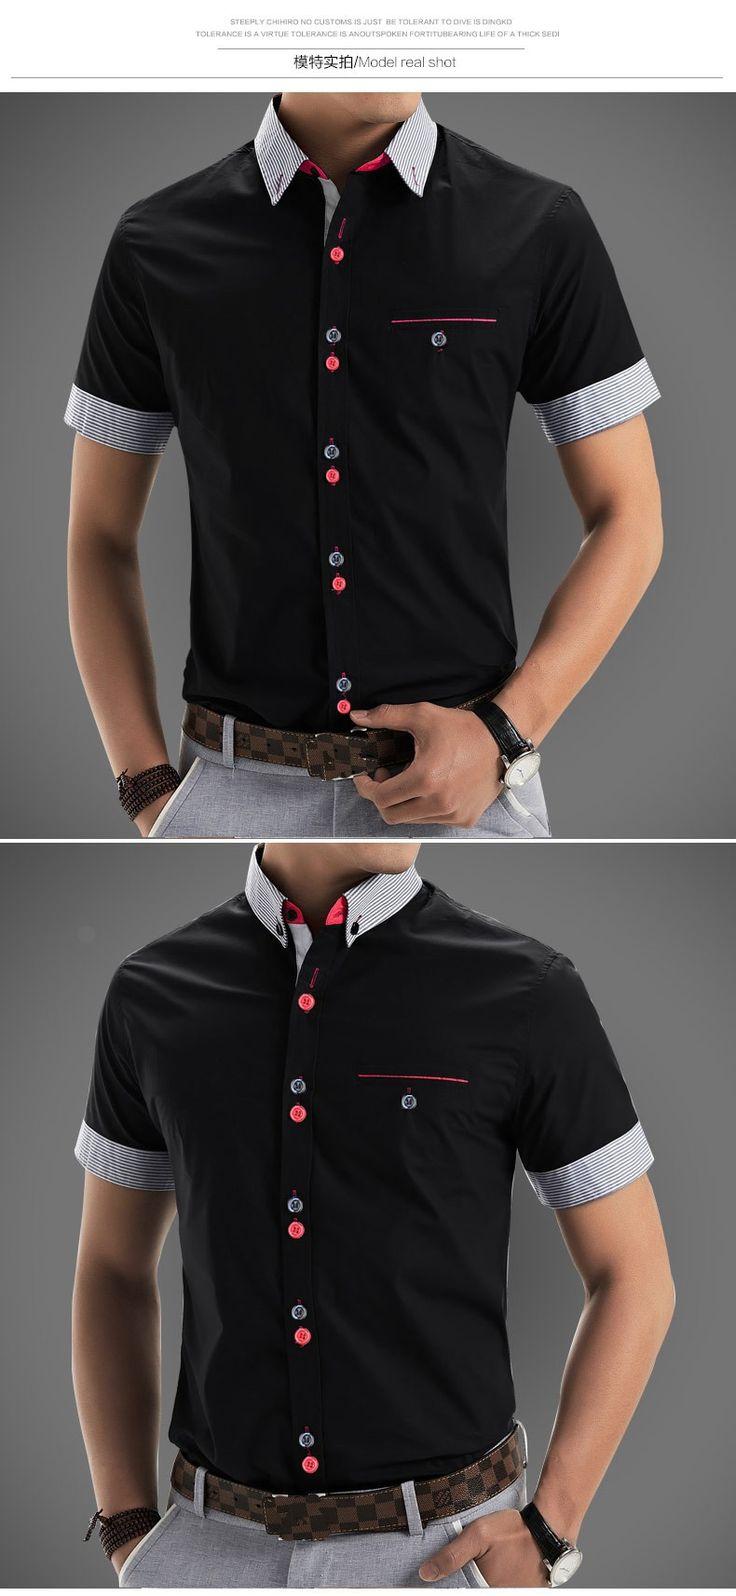 Aliexpress.com: Comprar 2015 hombres de la marca de camisetas manga corta hombres diseñador moda de calidad Patchwork Casual Camisa Slim Fit hombres de camisas sociales de camisa de milán fiable proveedores en  Aliexpress No.1 Fashion Store